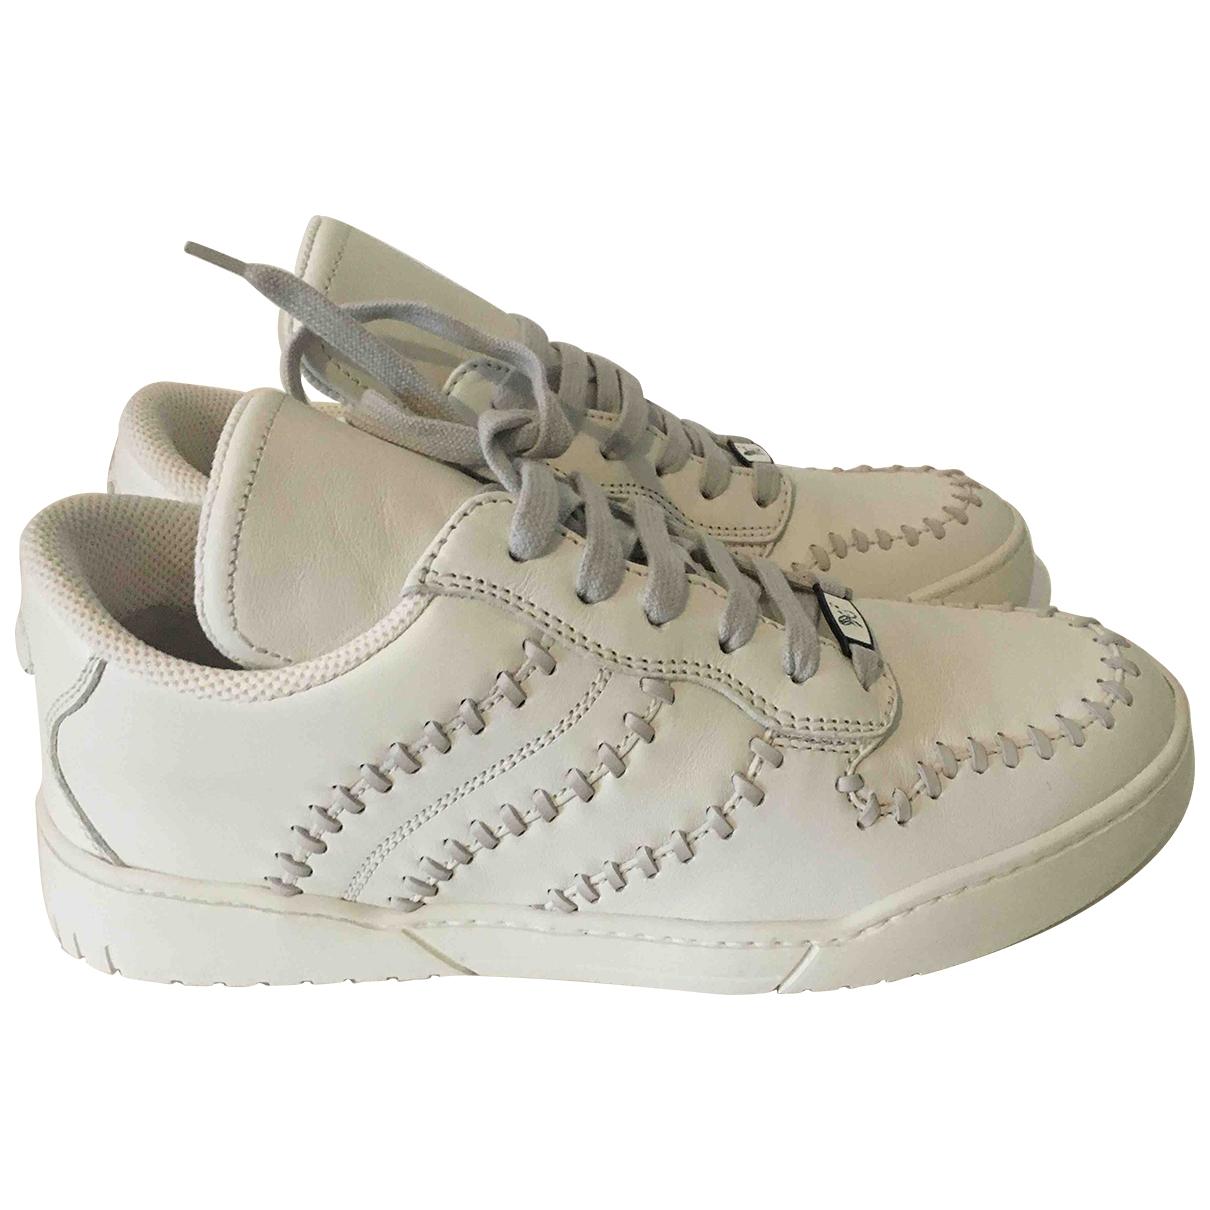 Bottega Veneta \N Sneakers in  Weiss Leder